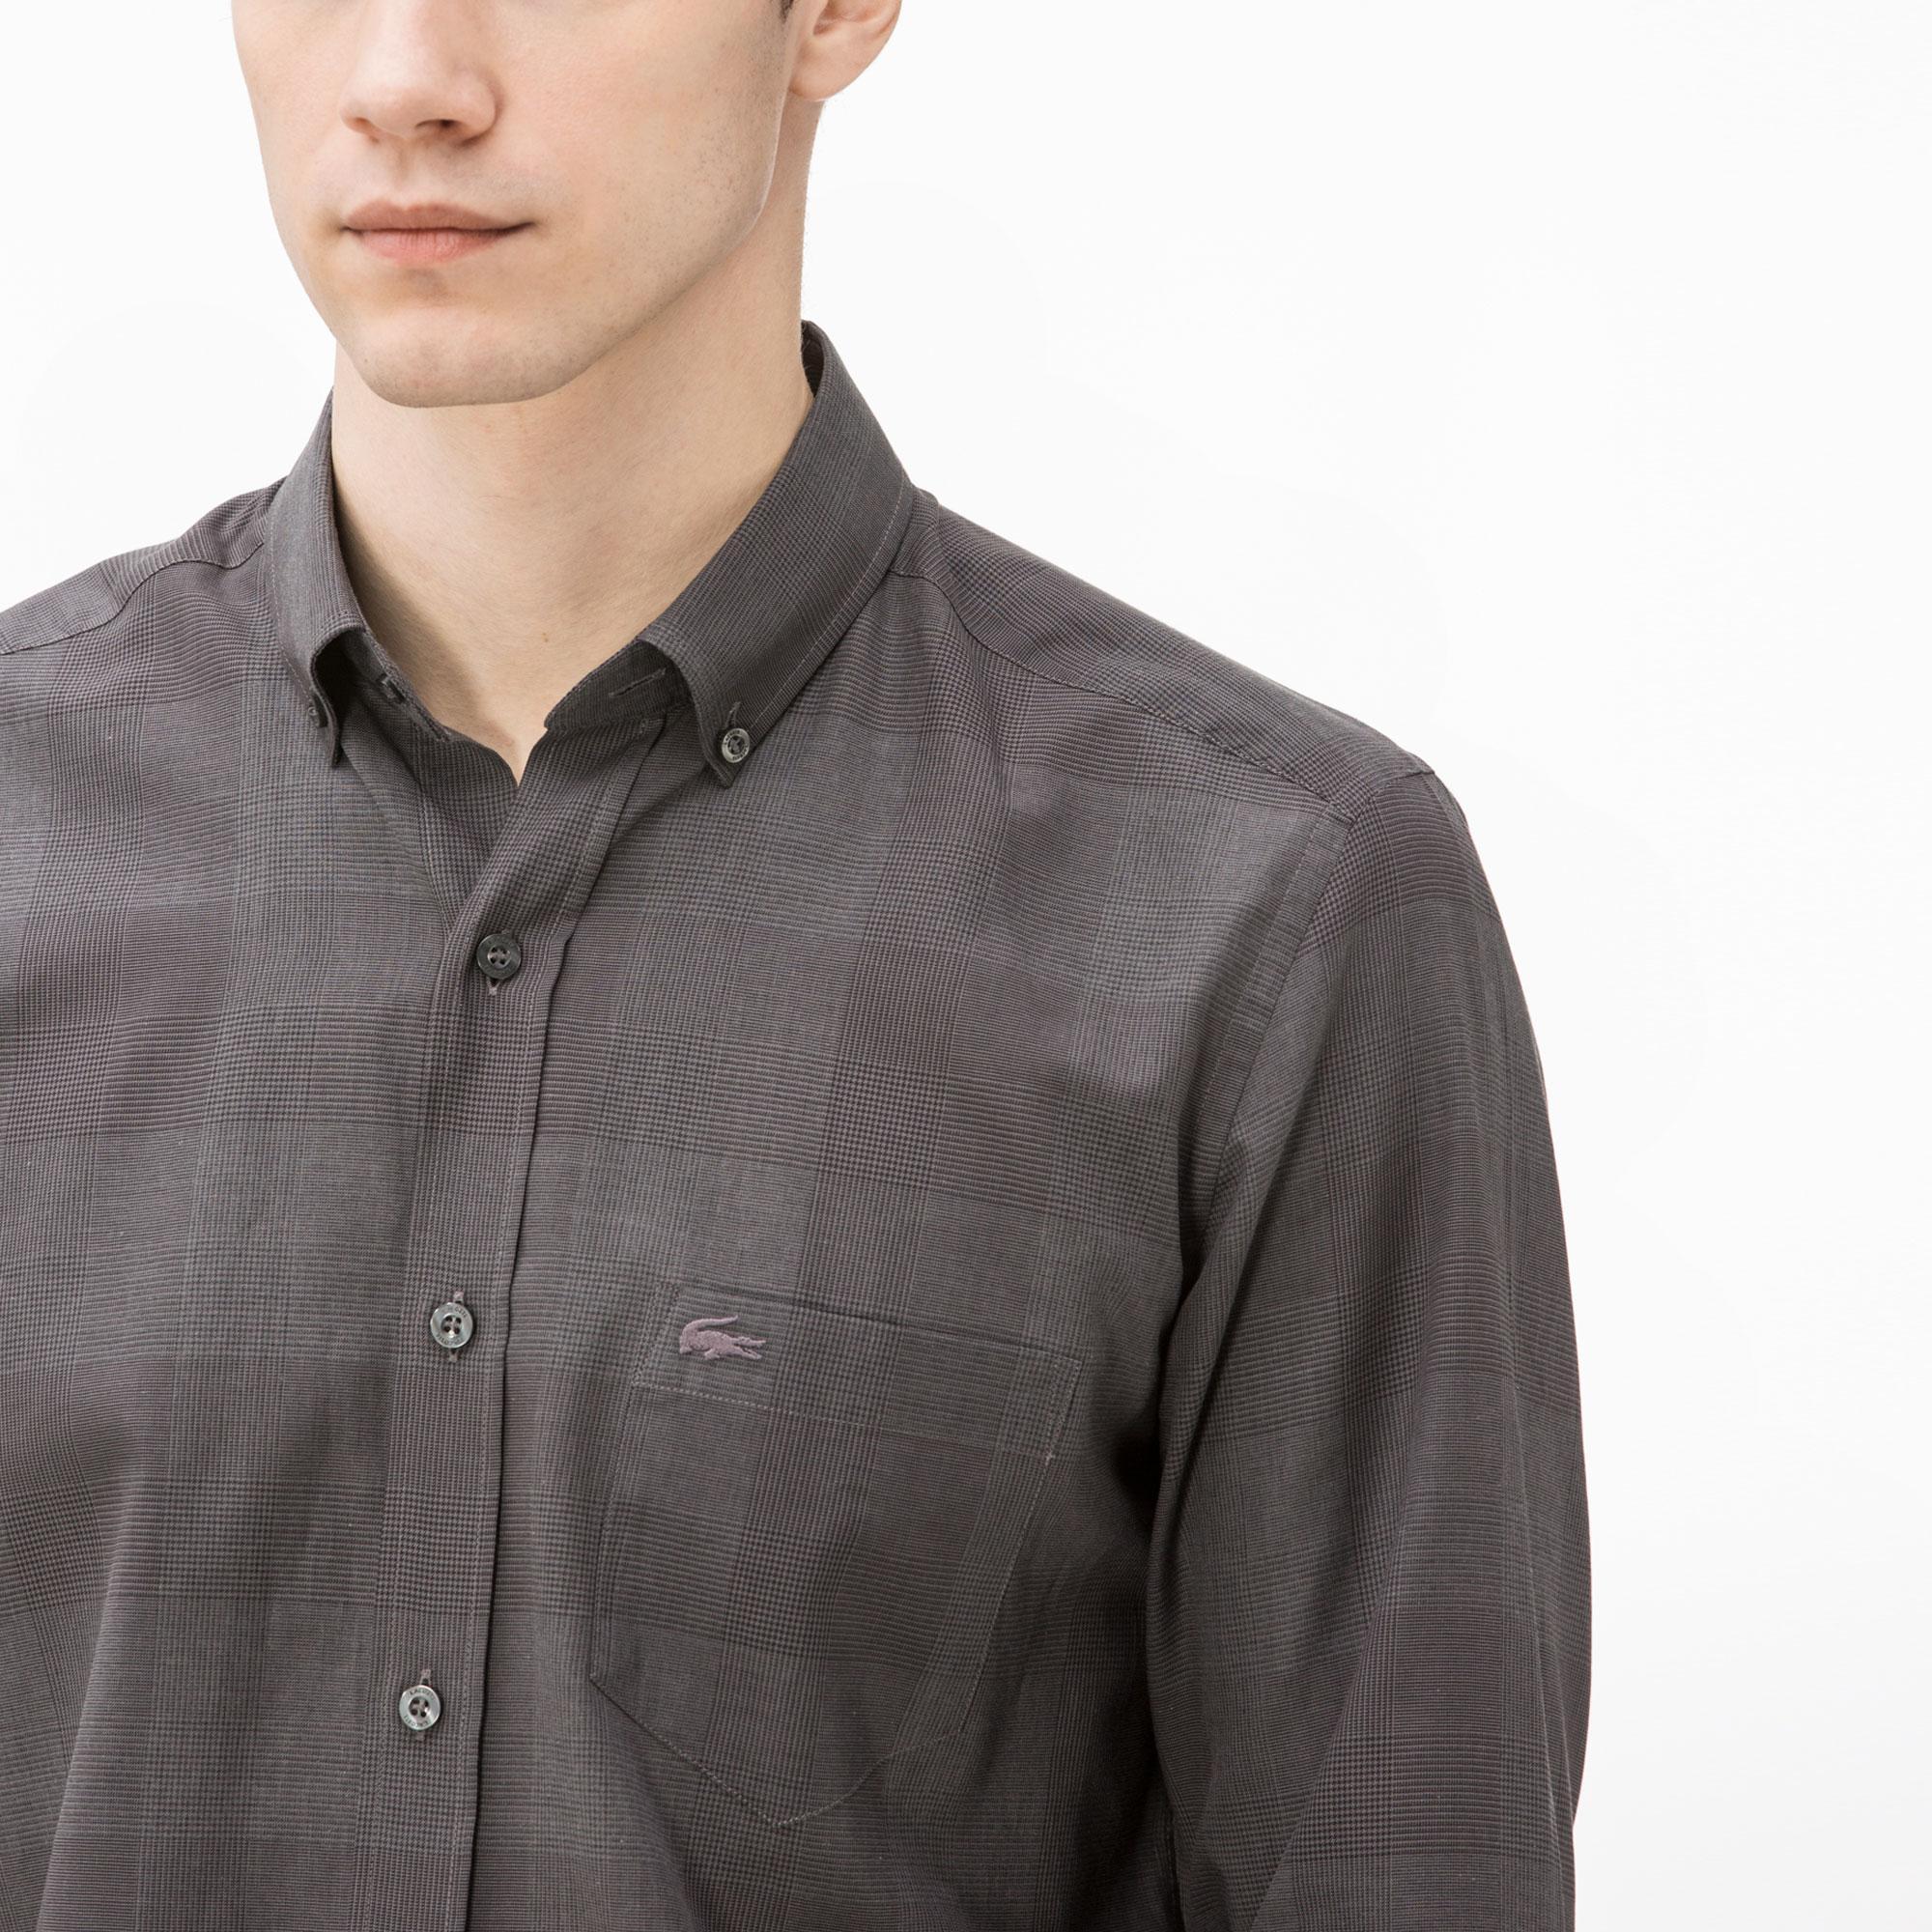 Фото 2 - Мужскую рубашку Lacoste серого цвета